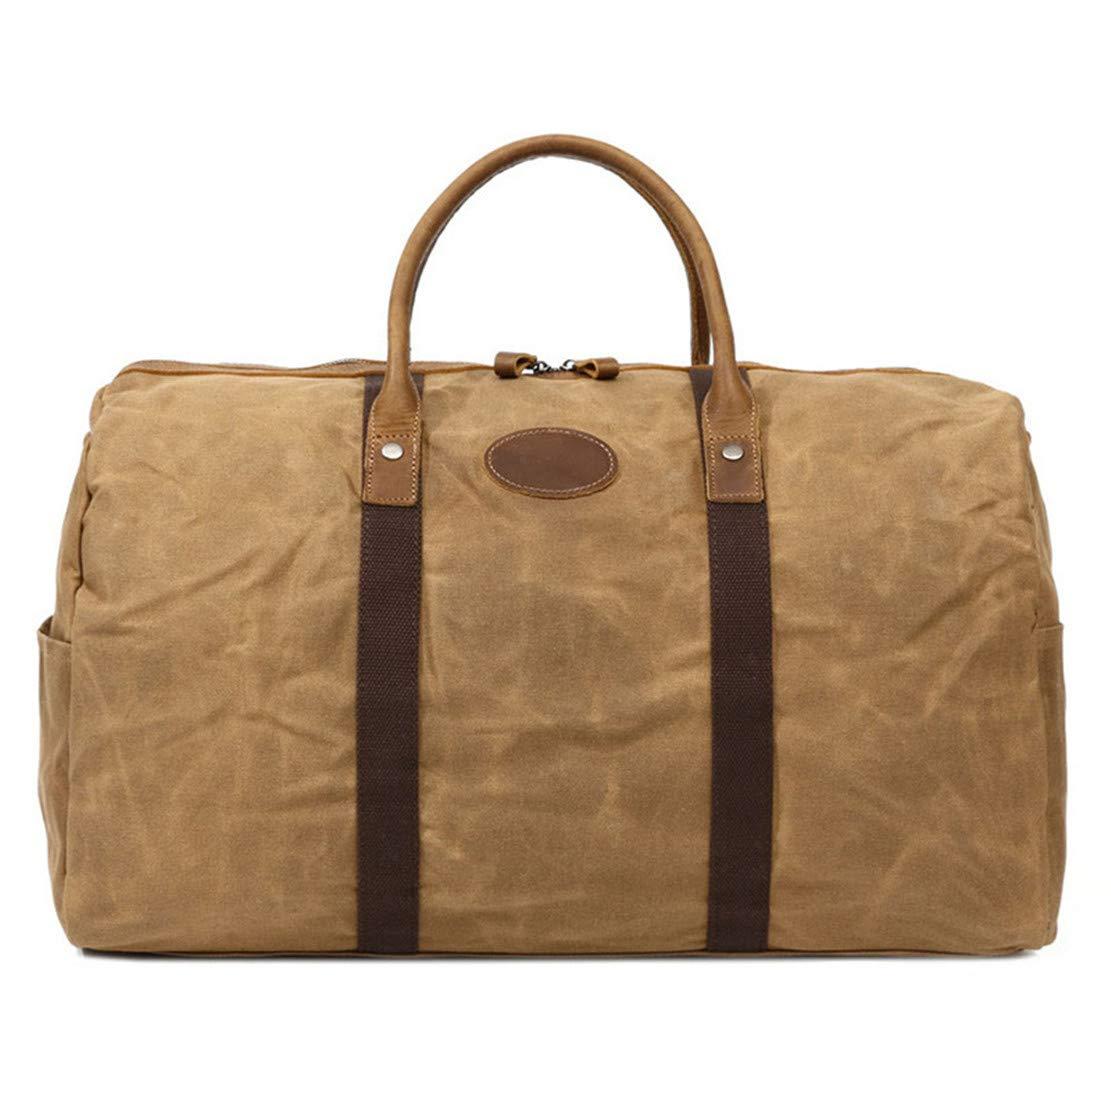 大容量トラベル バッグ ダッフル 軽量 2way 旅行バッグ ユニ